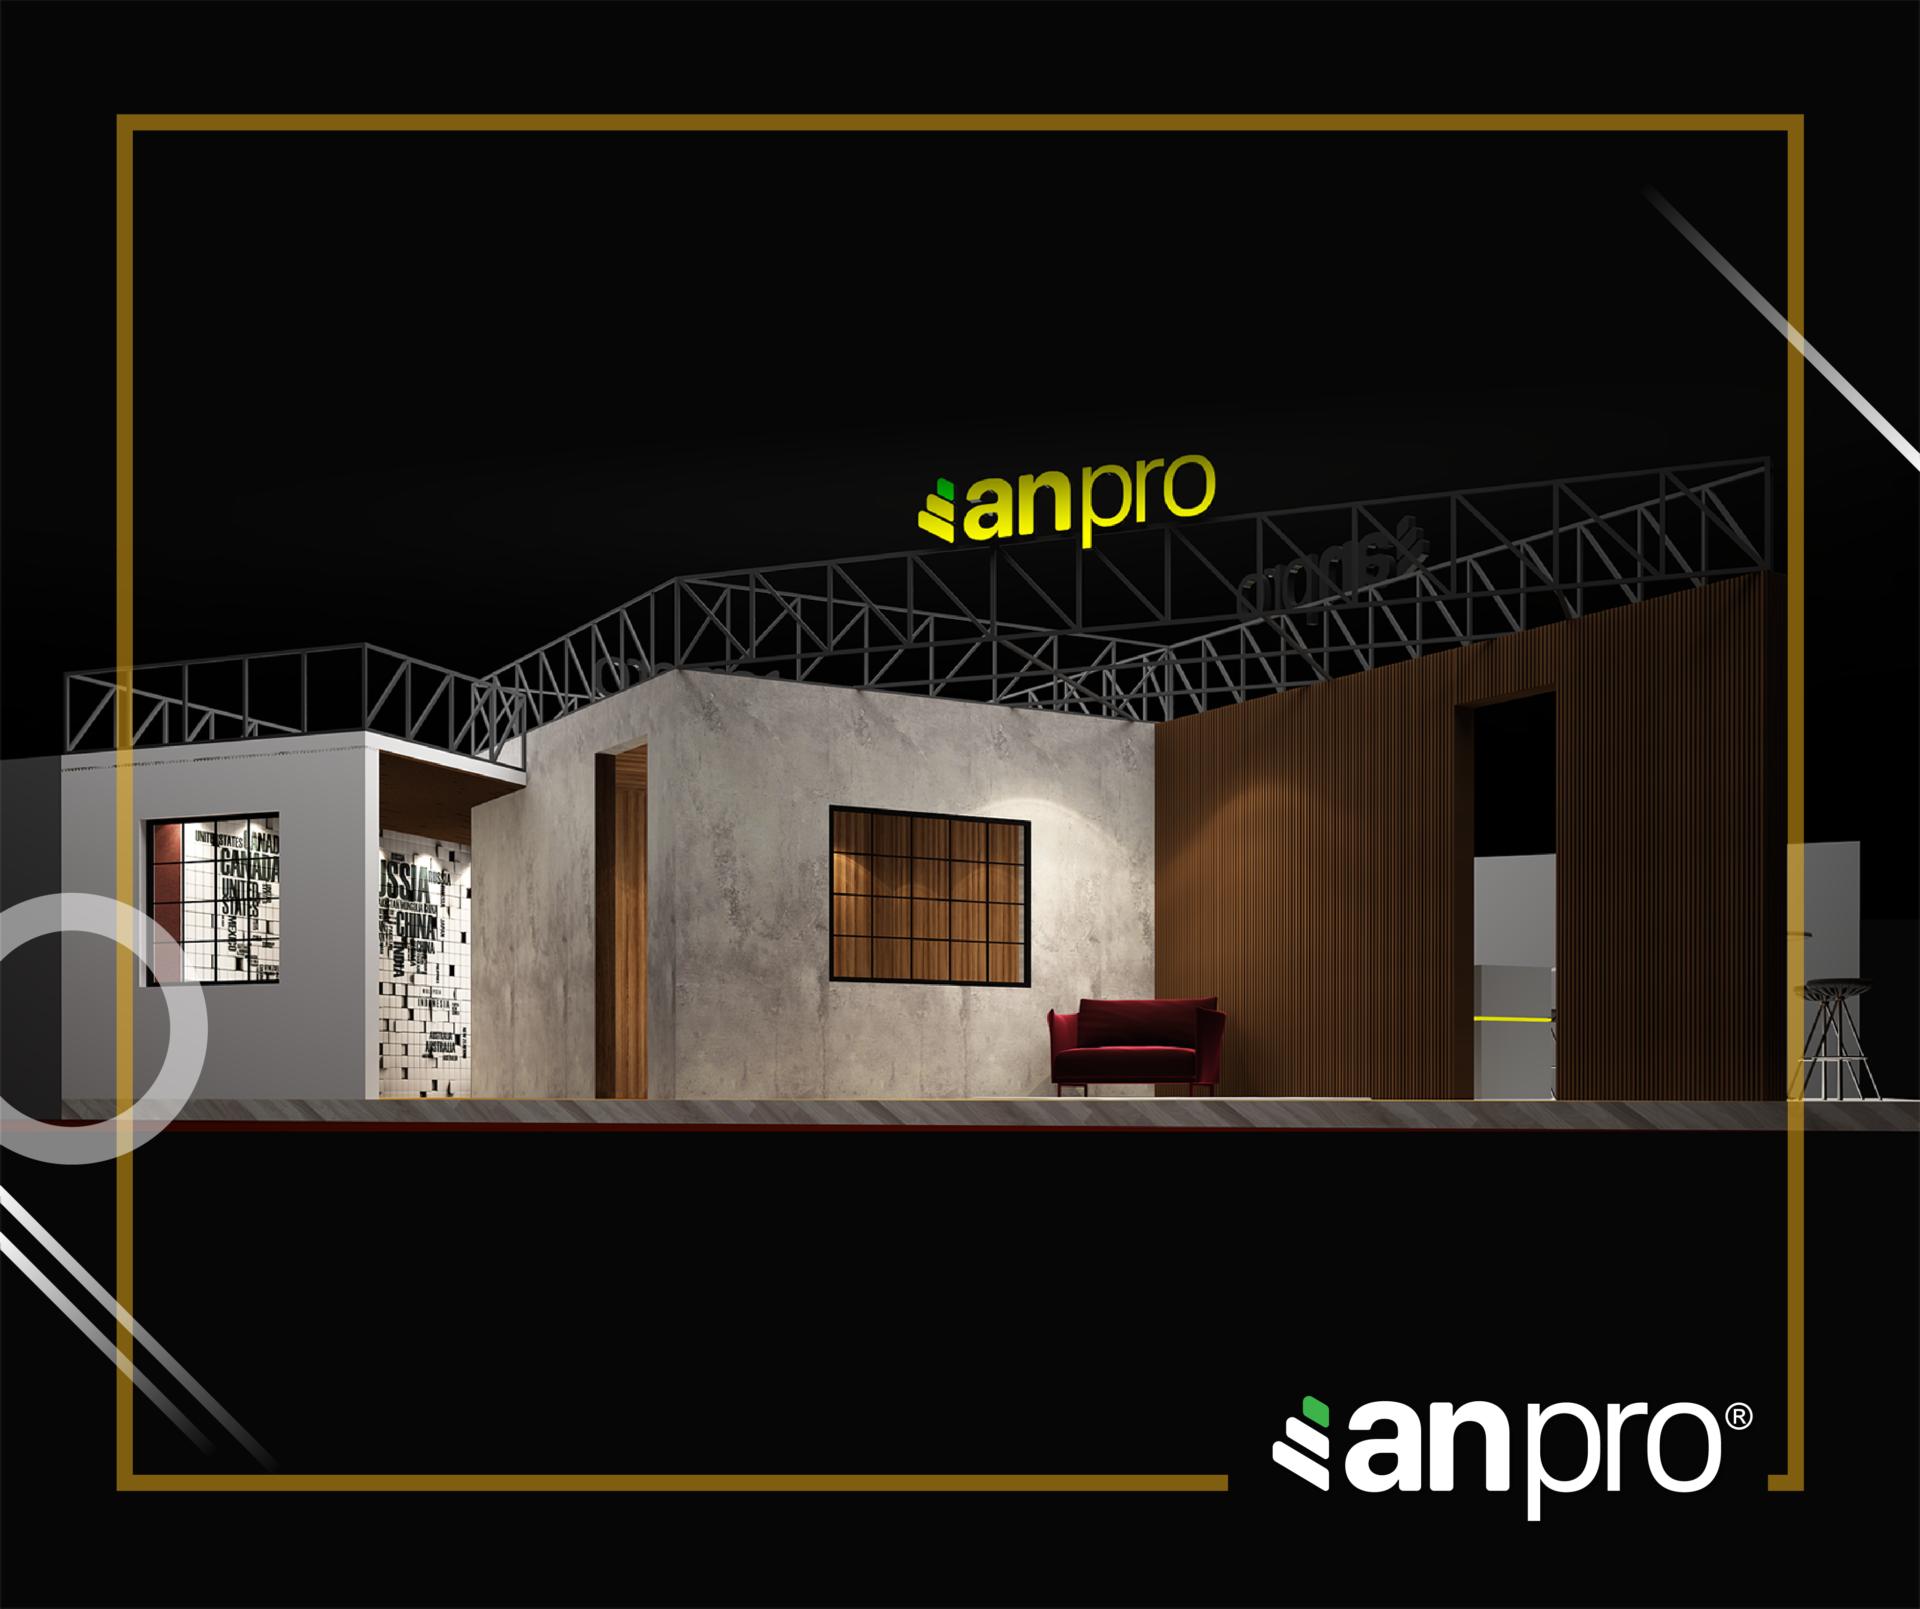 AnPro Vietbuild HCM - TRẢI NGHIỆM KHÔNG GIAN MỞ ĐẦY SÁNG TẠO CỦA ANPRO TẠI VIETBUILD 2019